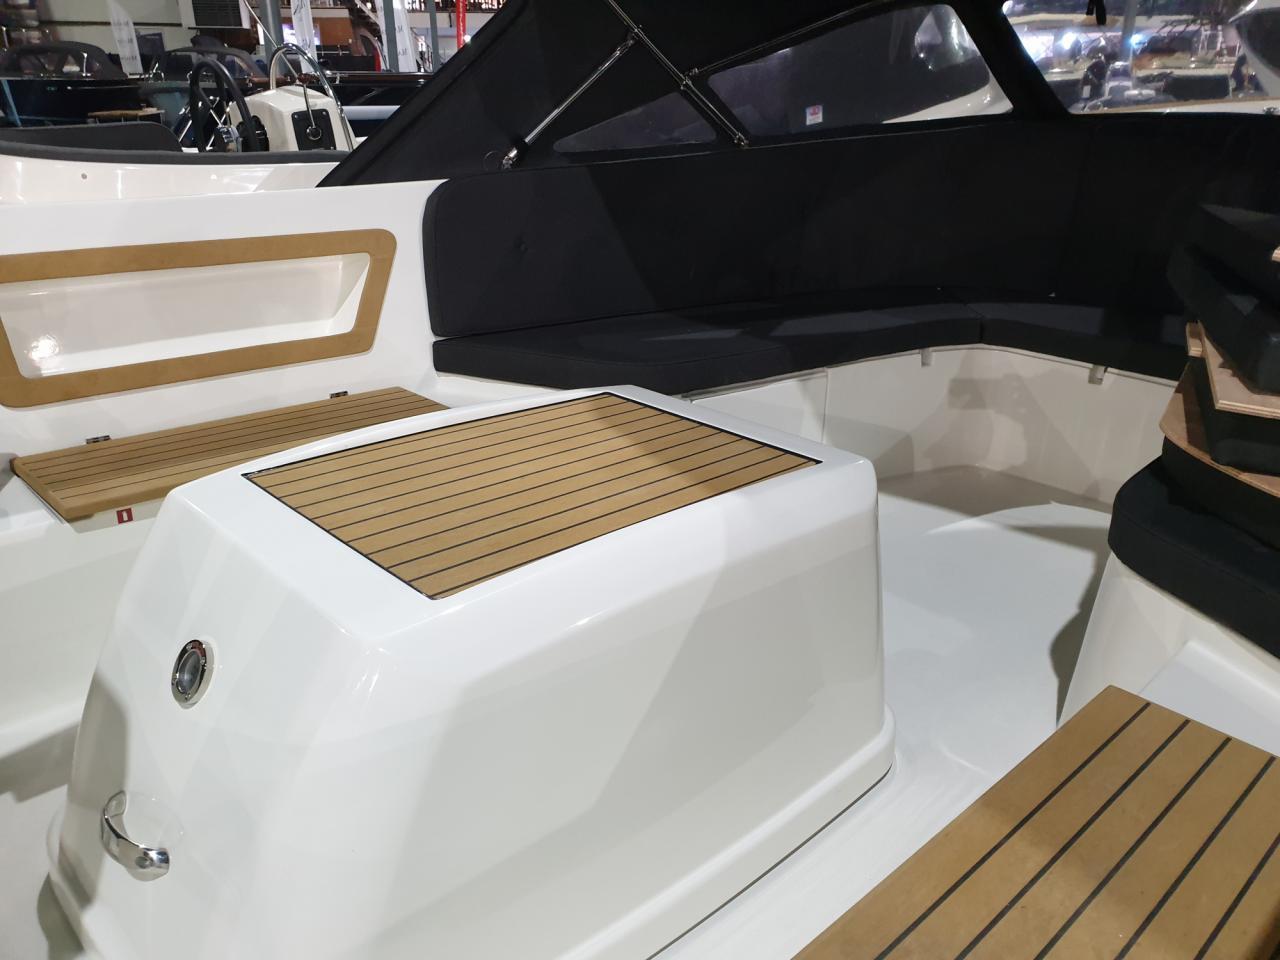 Antaris Sixty6 met Vetus 33 pk 6